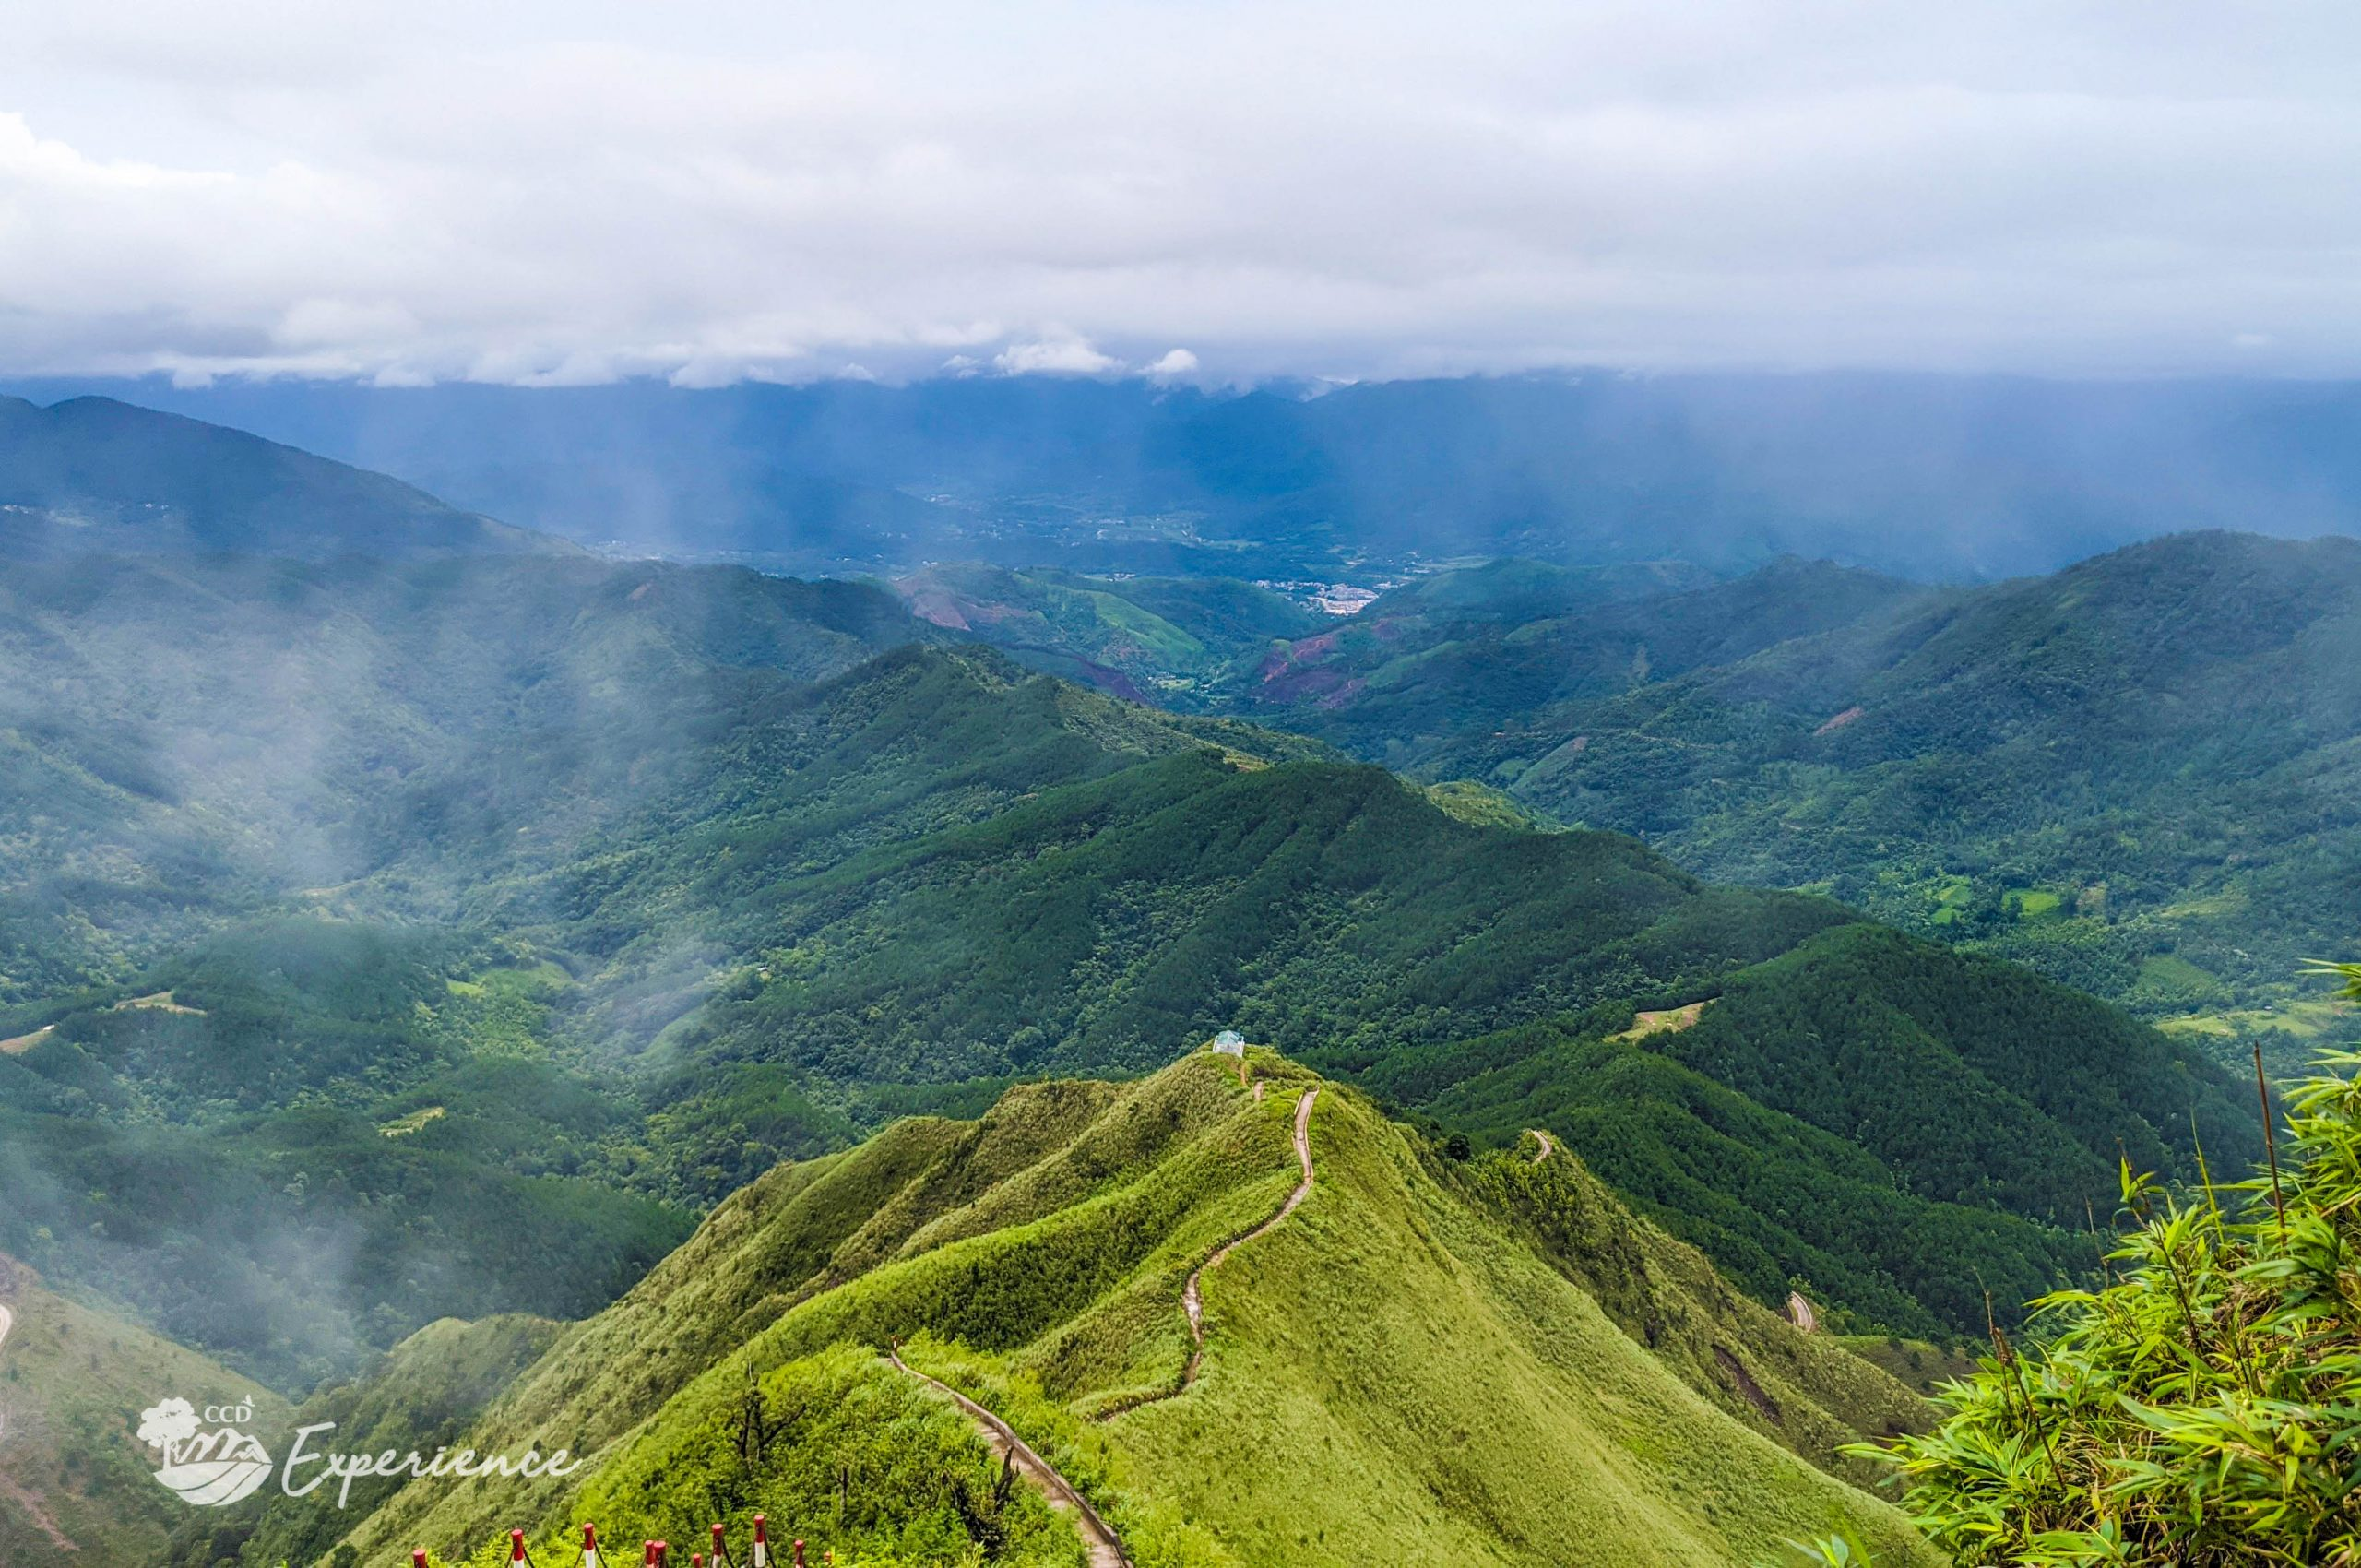 Đề án phát triển du lịch huyện Bình Liêu – tỉnh Quảng Ninh